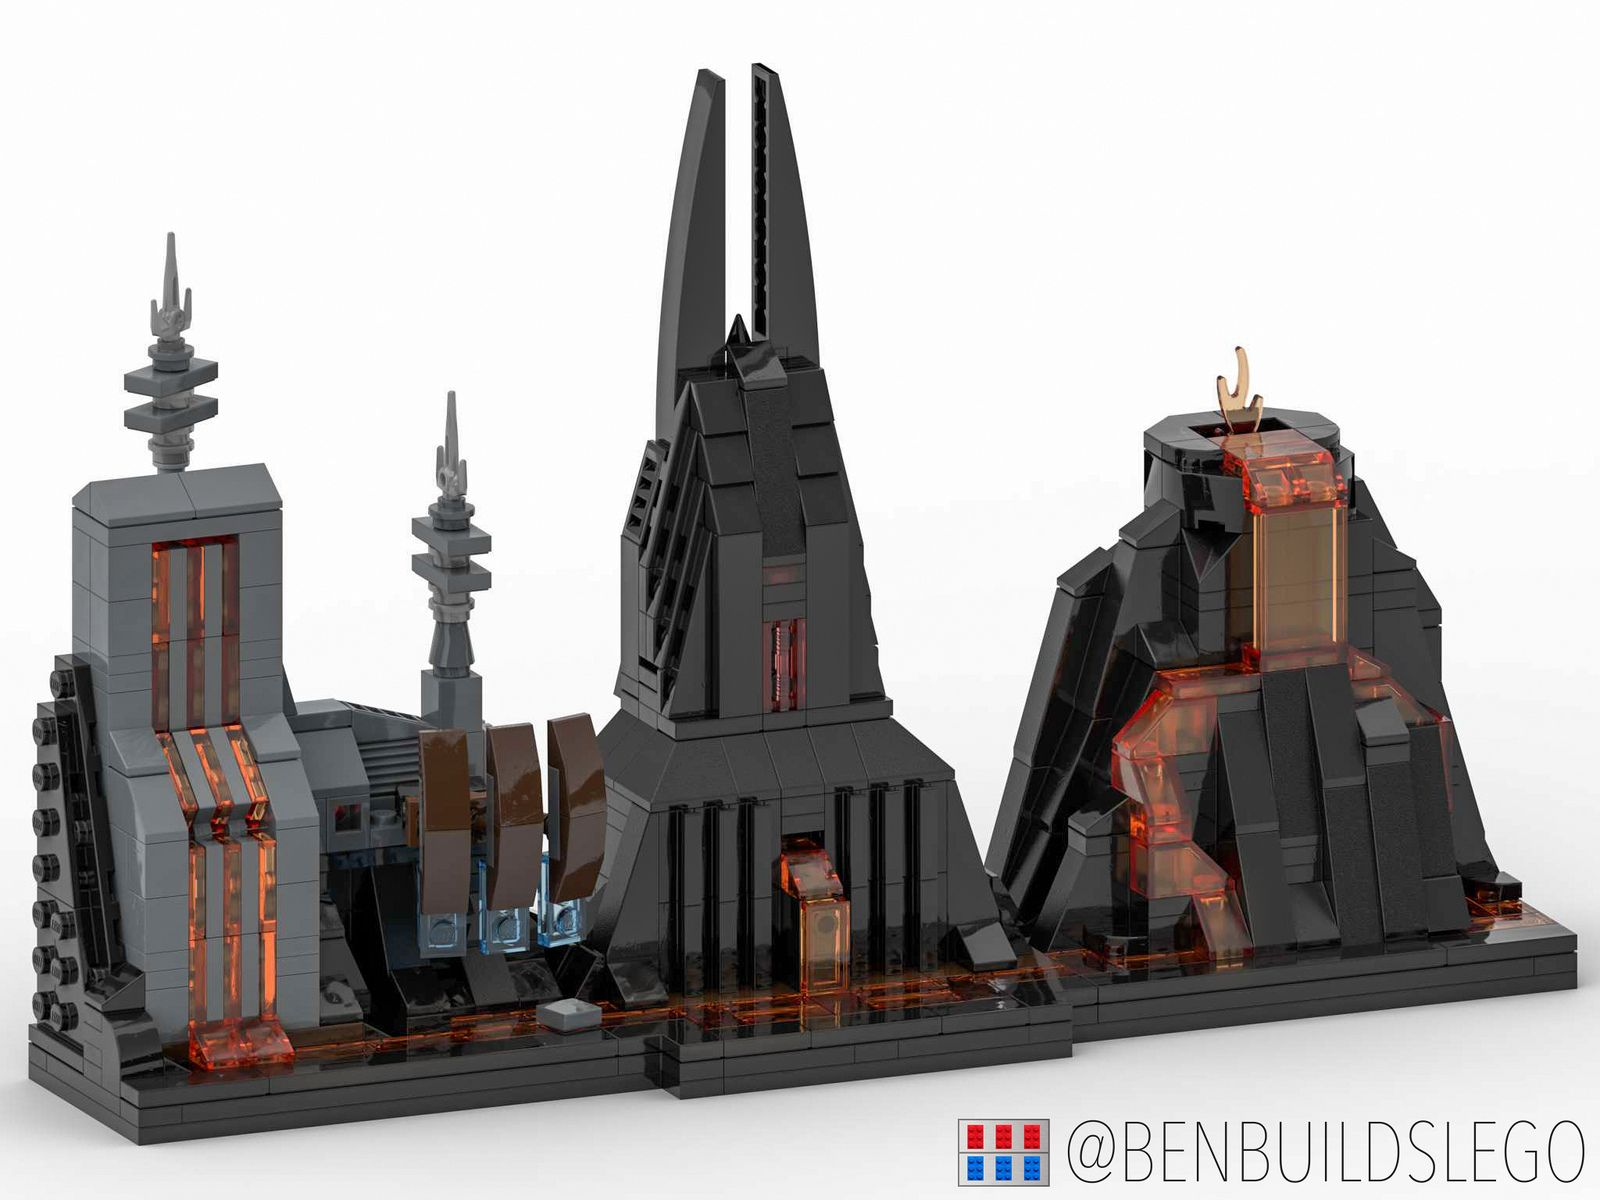 Lego Star Wars Mustafar Skyline Moc Lego Star Wars Mini Lego Worlds Lego Moc